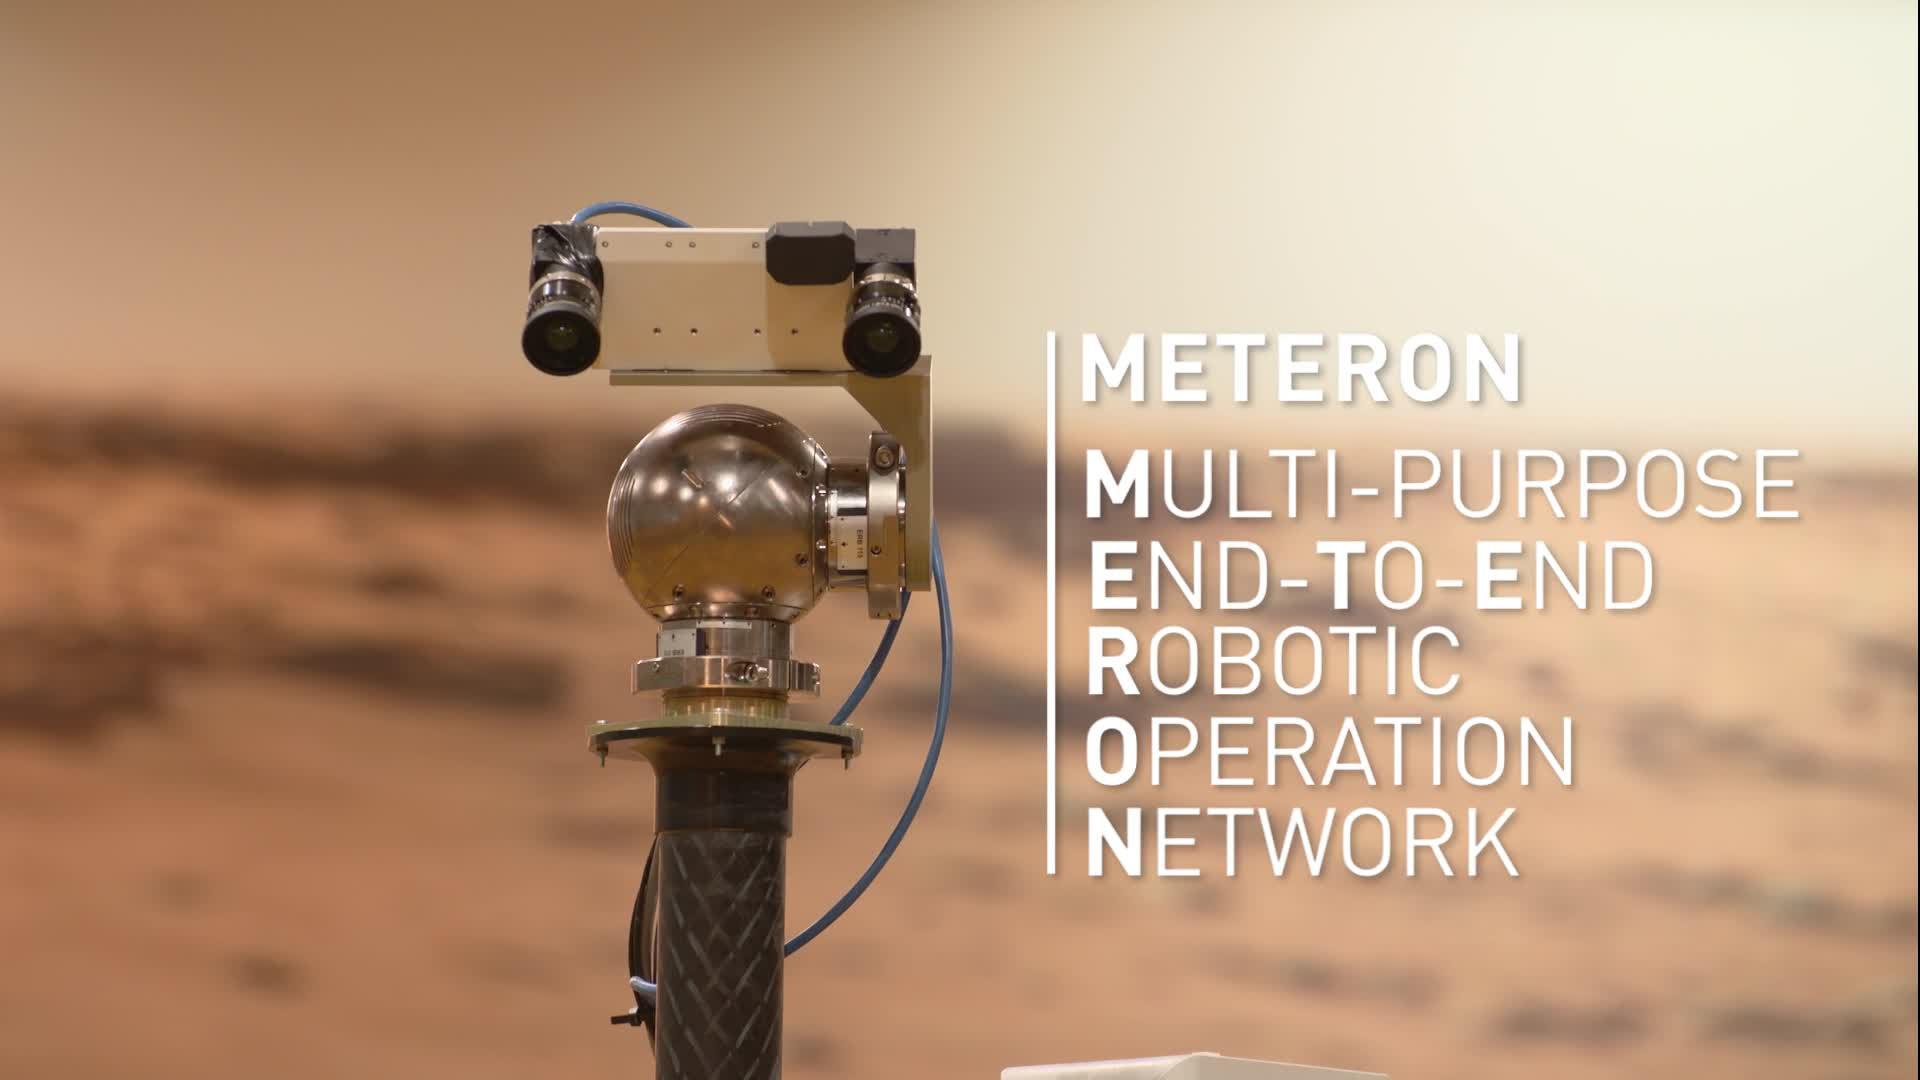 METERON - Promo clip